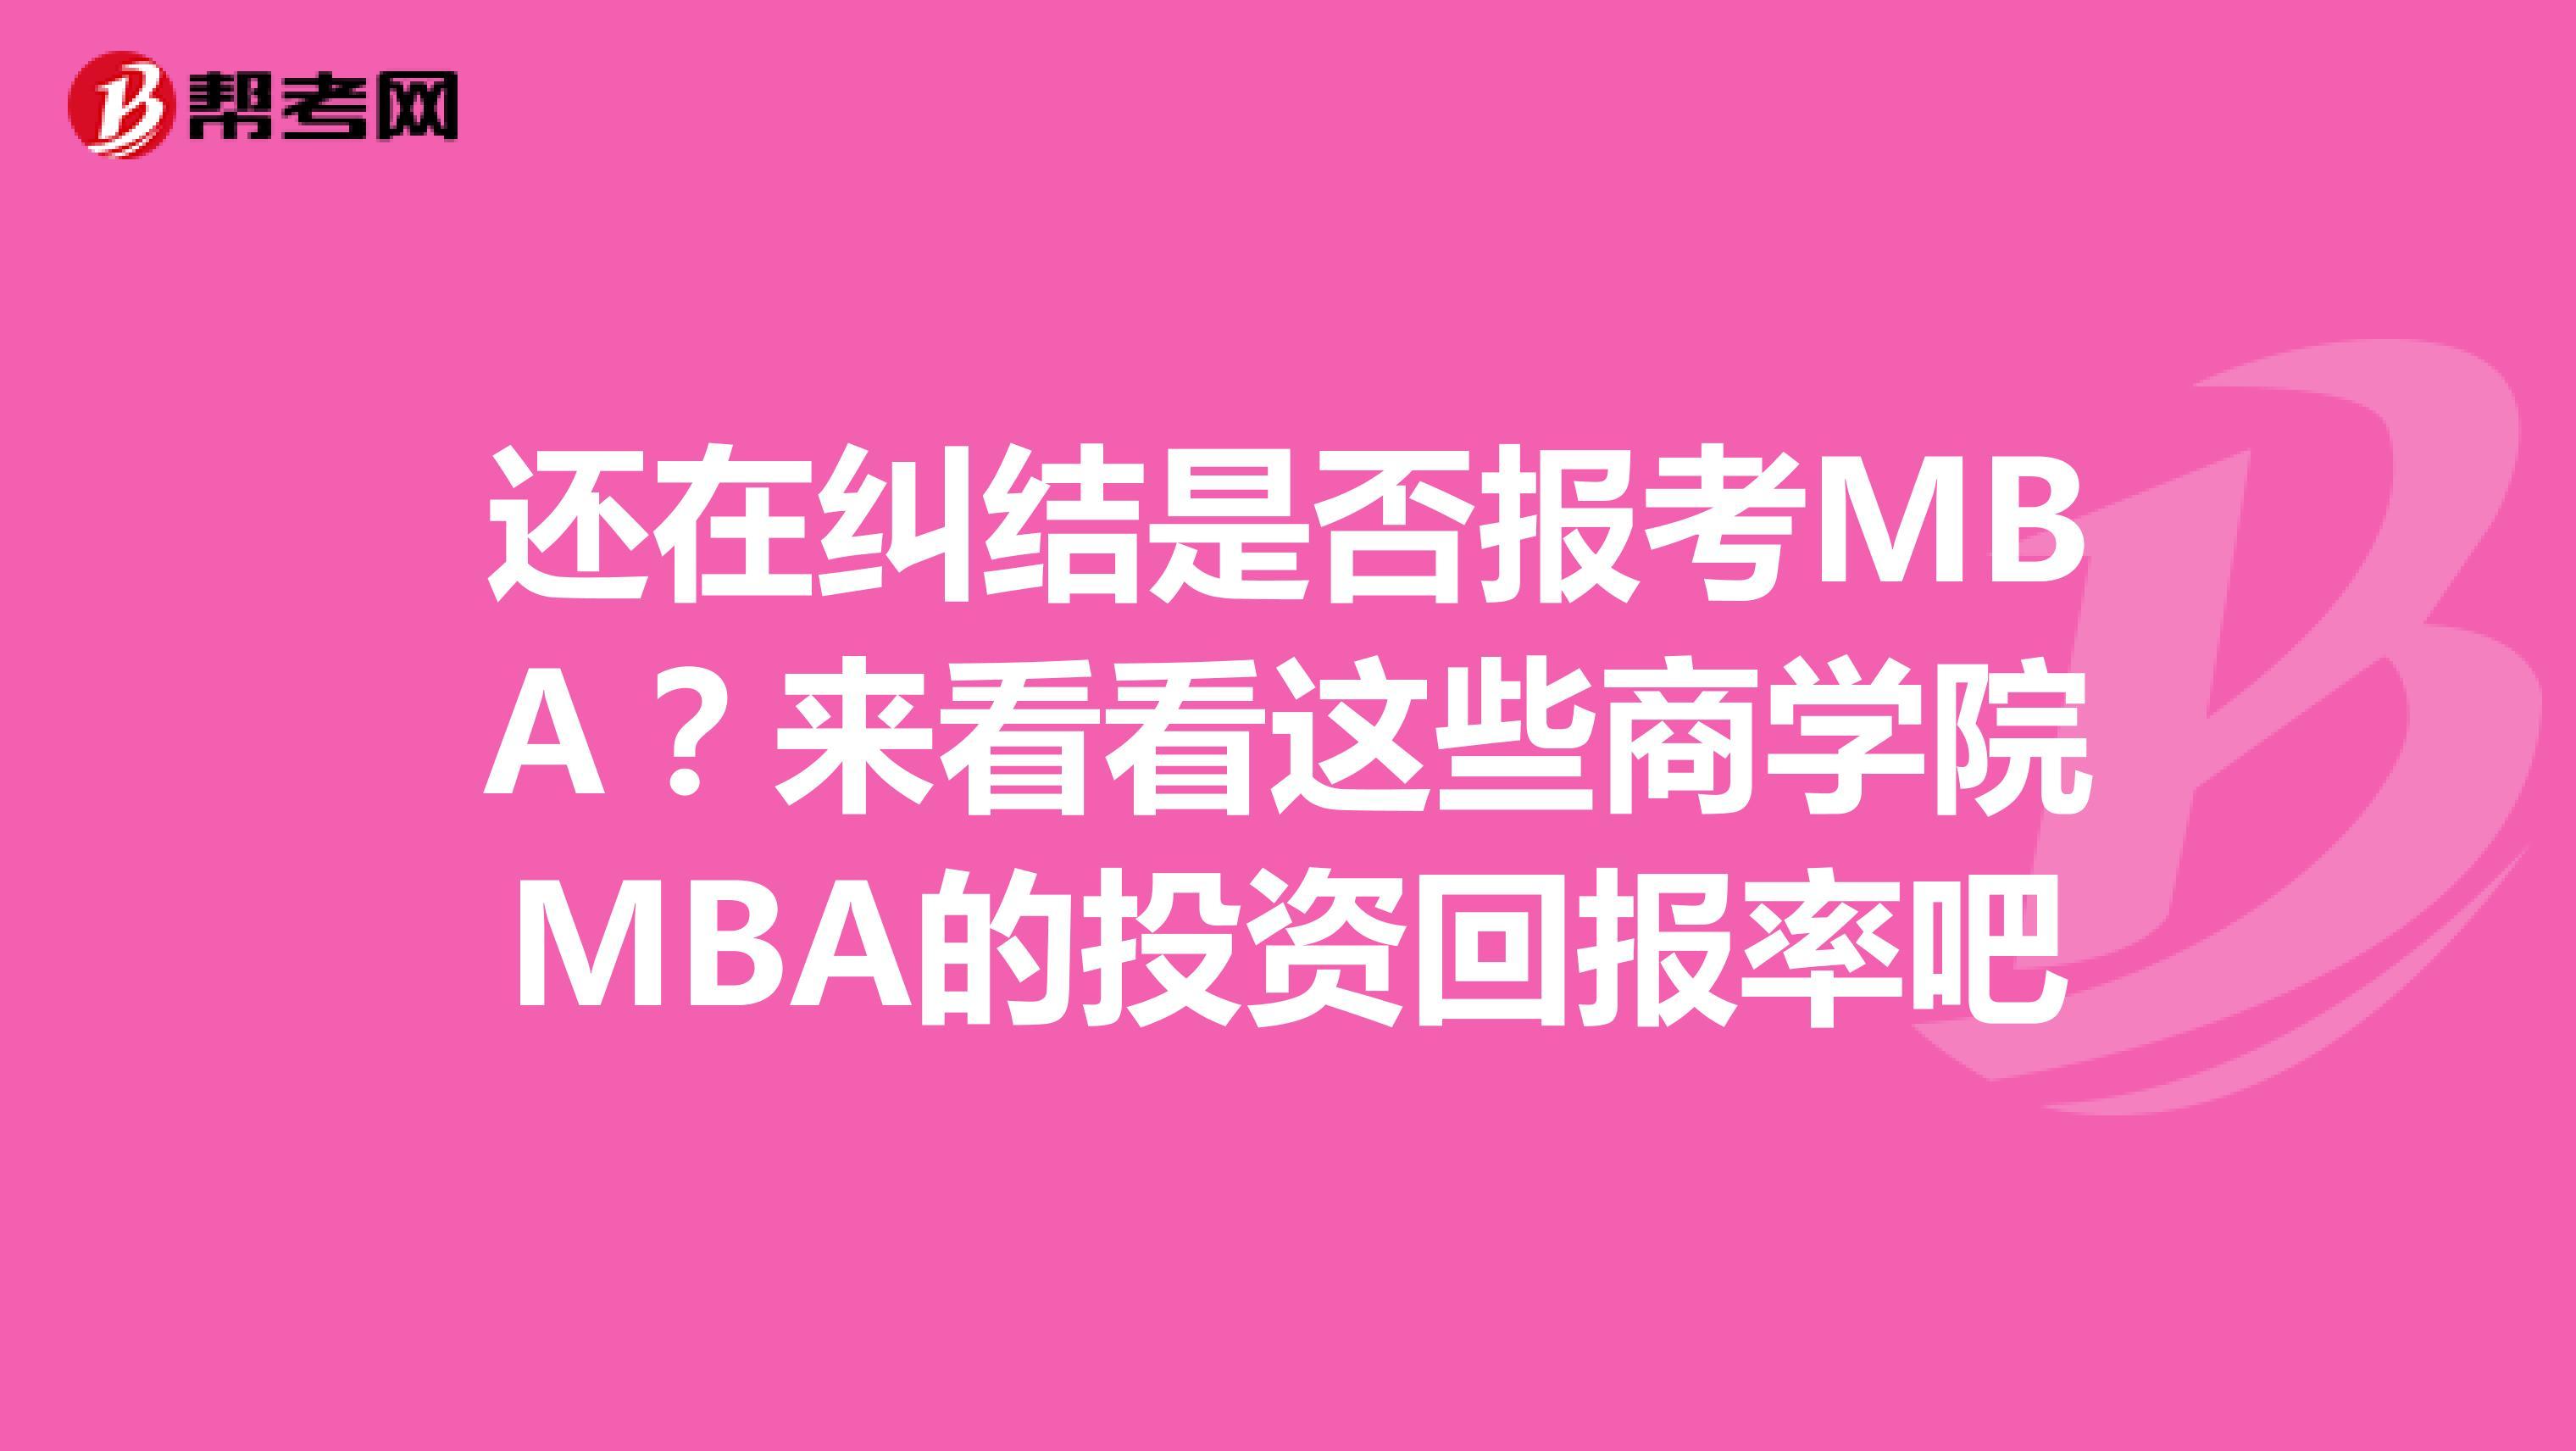 还在纠结是否报考MBA?来看看这些商学院MBA的投资回报率吧